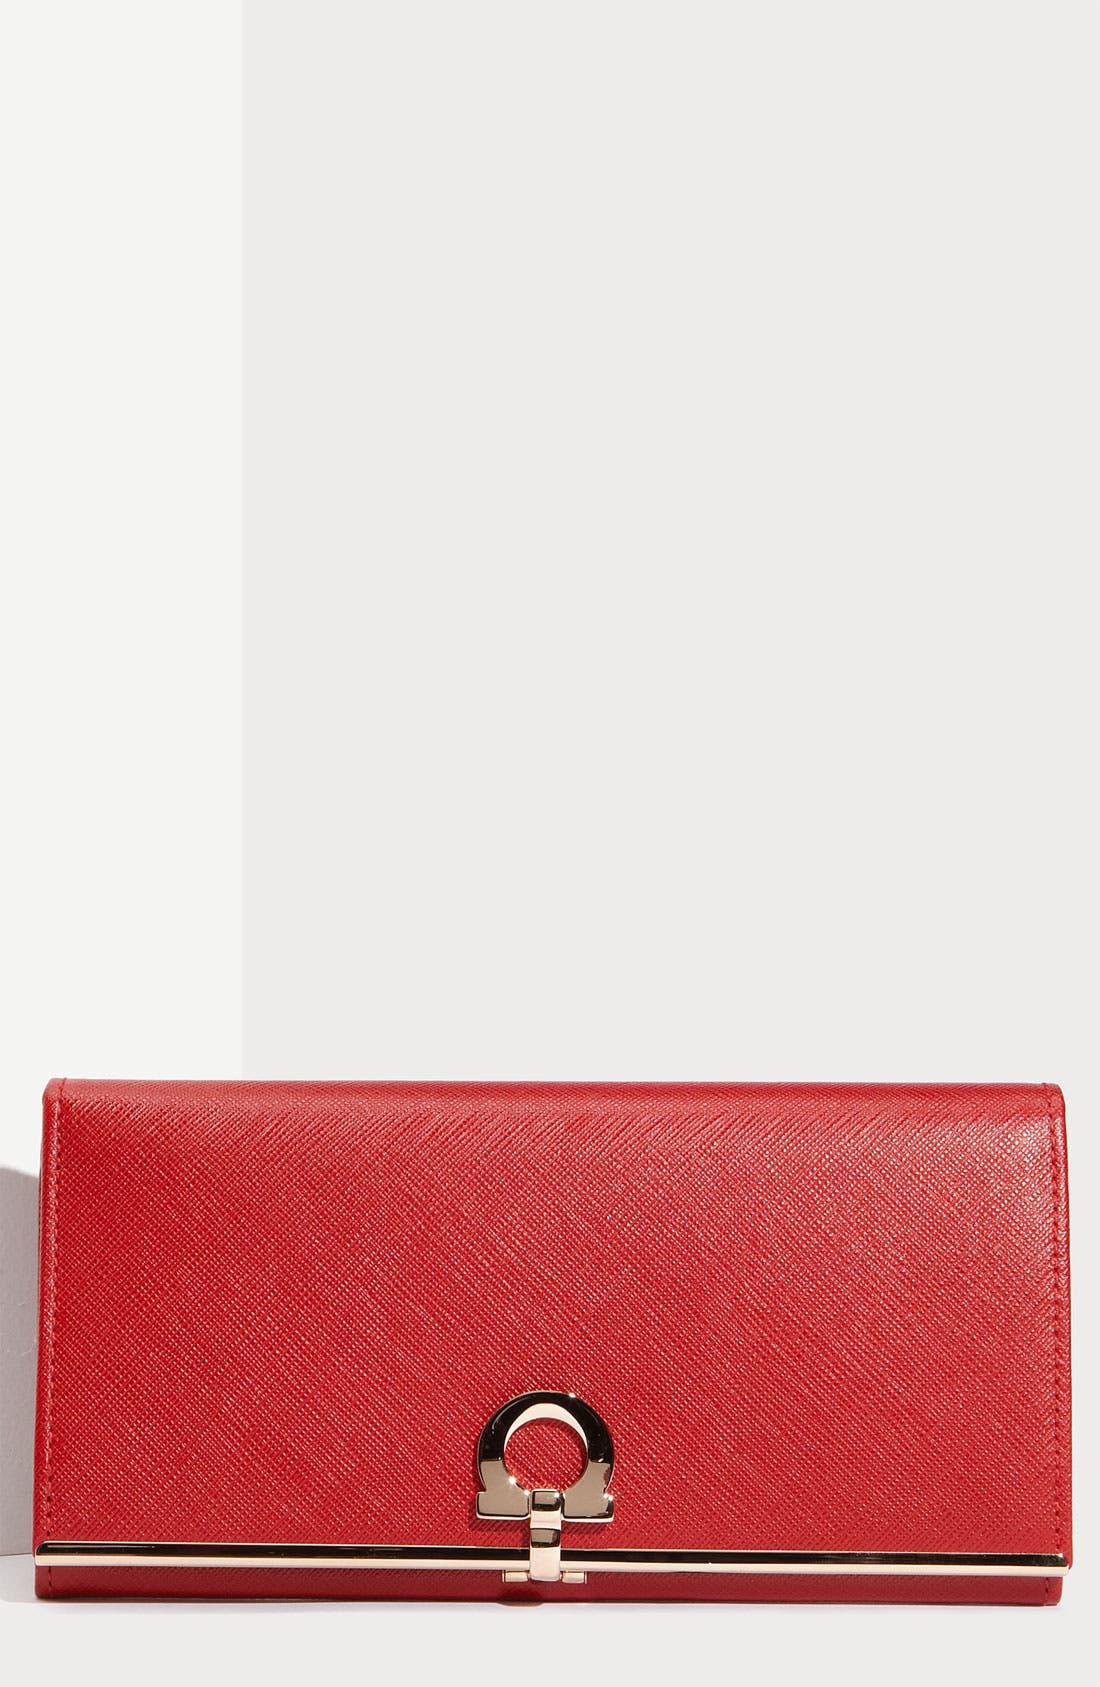 Main Image - Salvatore Ferragamo 'Gancini Icona' Saffiano Leather Wallet